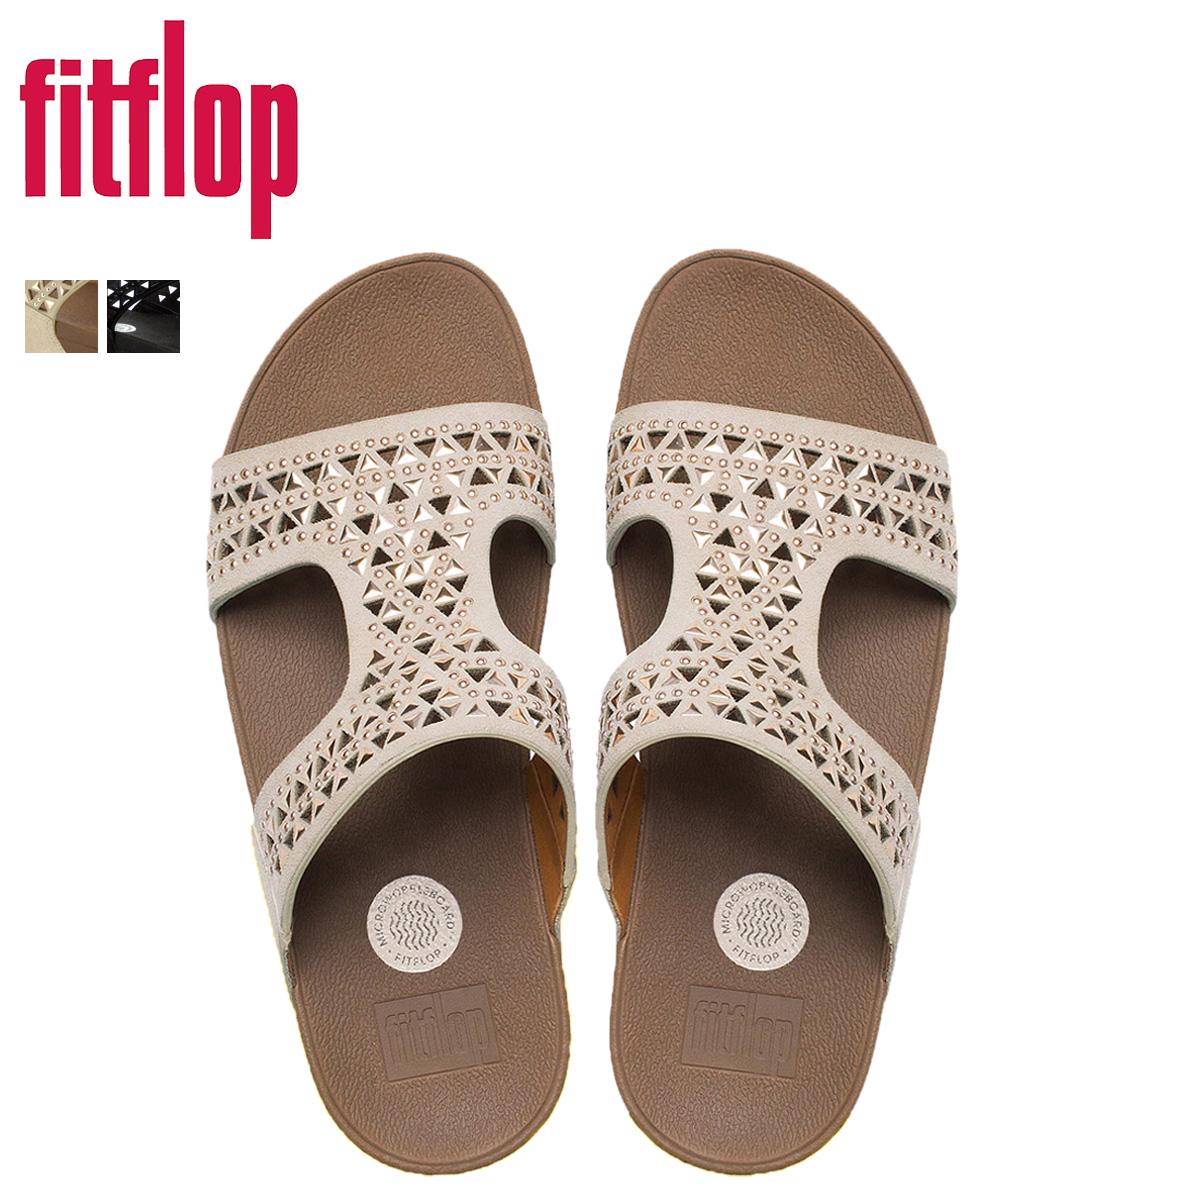 FitFlop 適合翻牌卡梅爾滑涼鞋卡梅爾麂皮絨滑 670 婦女